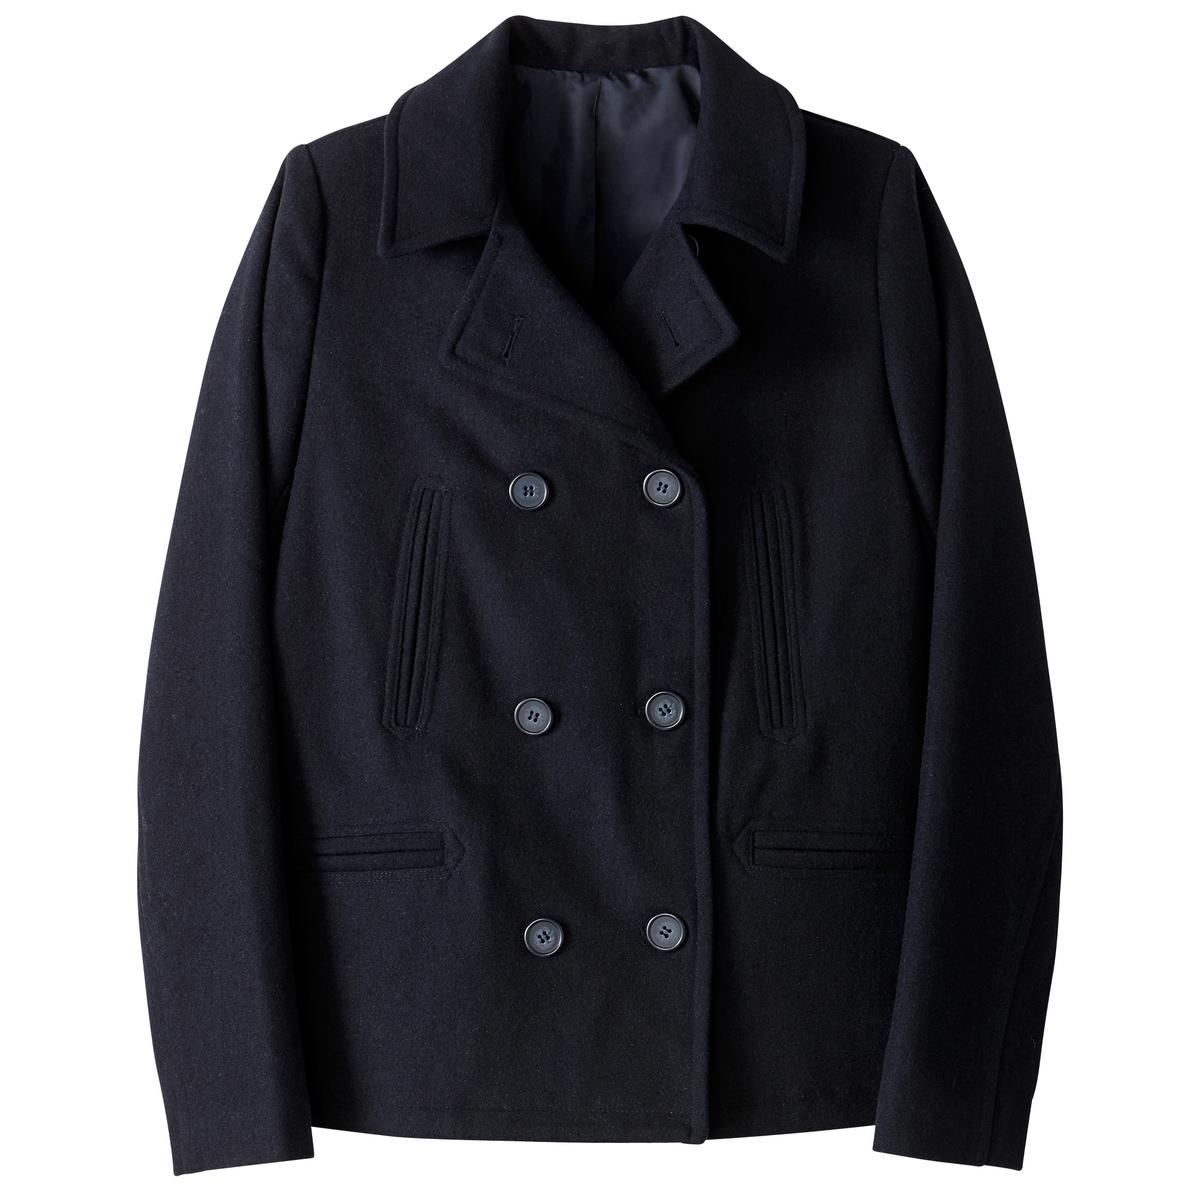 Полупальто классическое 40% шерстиНе выходящий из моды предмет зимнего гардероба, короткое и элегантное пальто-бушлат . Симпатичная дублированная застежка на пуговицы и добротный воротник .Детали •  Длина : укороченная •  Шалевый воротник • Застежка на пуговицыСостав и уход •  40% шерсти, 30% акрила, 5% других волокон, 25% полиэстера • Не стирать  •  Любые растворитель / не отбеливать   •  Не использовать барабанную сушку   •  Низкая температура глажки •  Длина : 67 см.<br><br>Цвет: синий морской,шоколадный<br>Размер: 34 (FR) - 40 (RUS).48 (FR) - 54 (RUS).46 (FR) - 52 (RUS).40 (FR) - 46 (RUS).38 (FR) - 44 (RUS).36 (FR) - 42 (RUS).34 (FR) - 40 (RUS).52 (FR) - 58 (RUS).44 (FR) - 50 (RUS).38 (FR) - 44 (RUS).36 (FR) - 42 (RUS).44 (FR) - 50 (RUS)